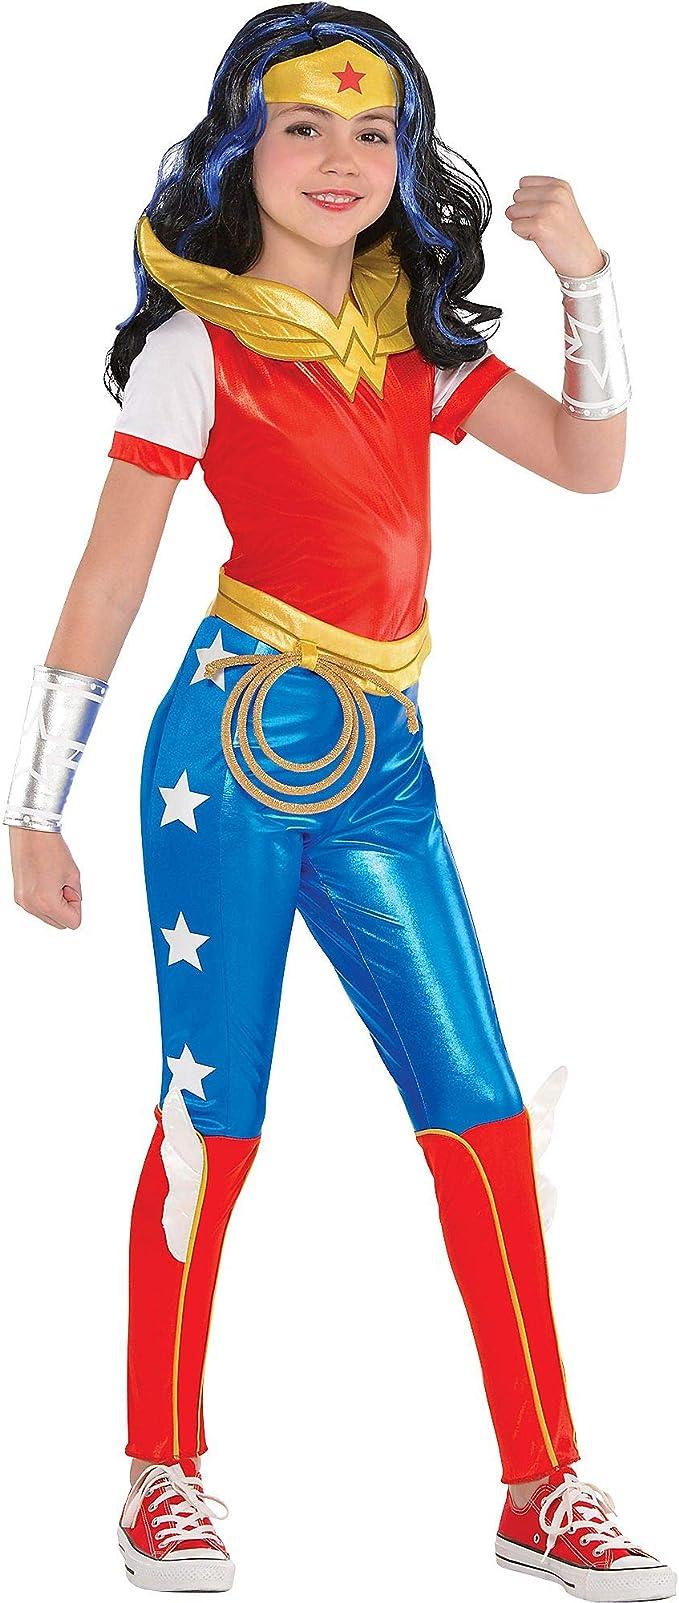 Costumes USA Disfraz de superhéroe para niñas de la Mujer ...